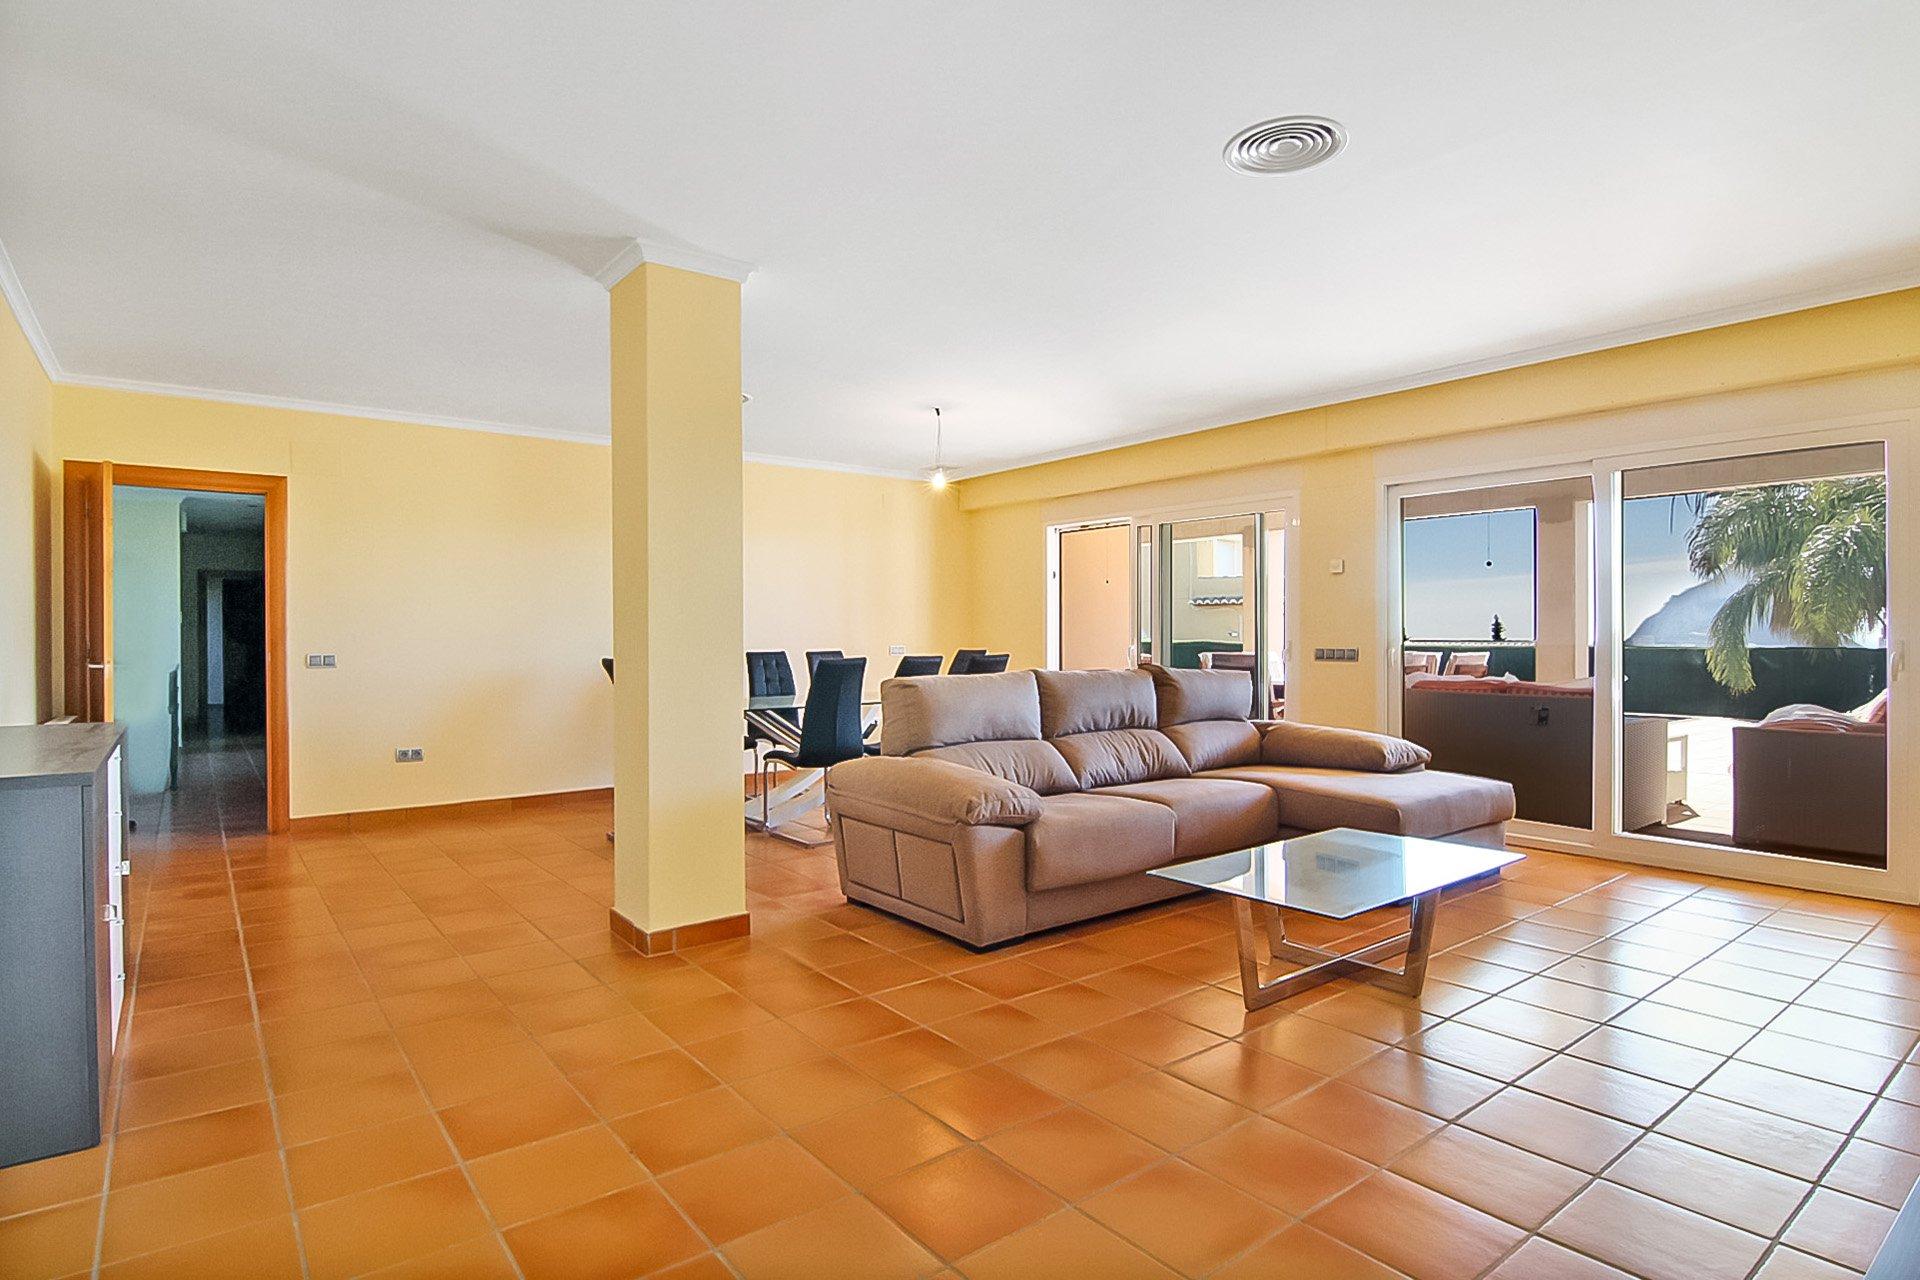 Villa de 4 chambres et studio avec vue panoramique sur la mer